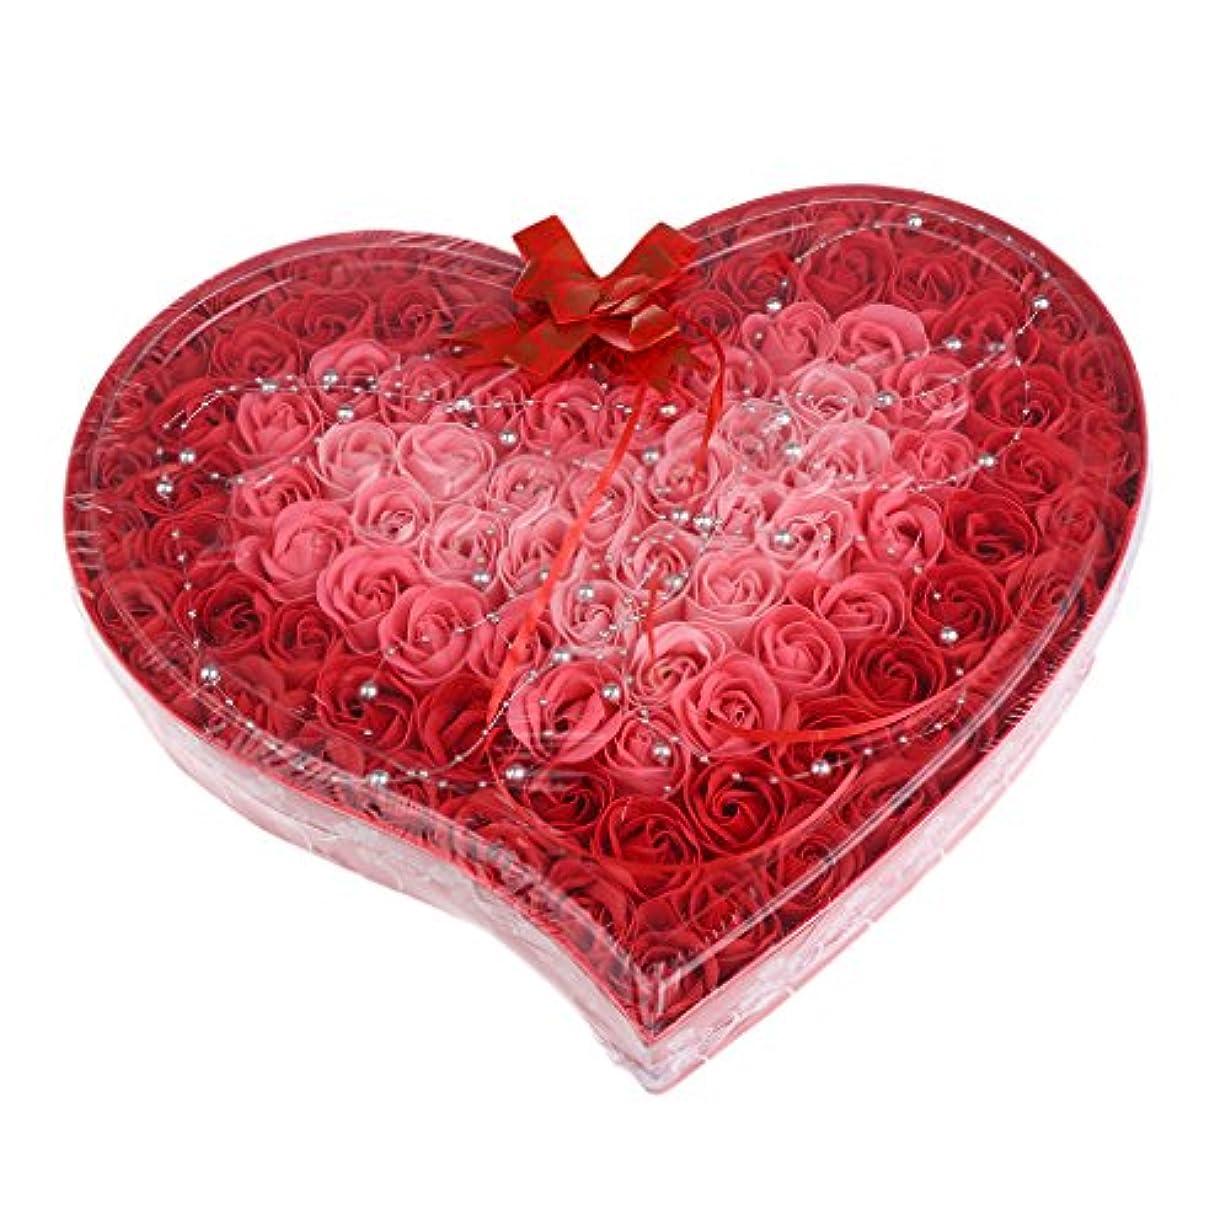 咲くデンマークメイトBaosity 約100個 ソープフラワー 石鹸の花 母の日 心の形 ギフトボックス バレンタインデー ホワイトデー 母の日 結婚記念日 プレゼント 4色選択可 - 赤